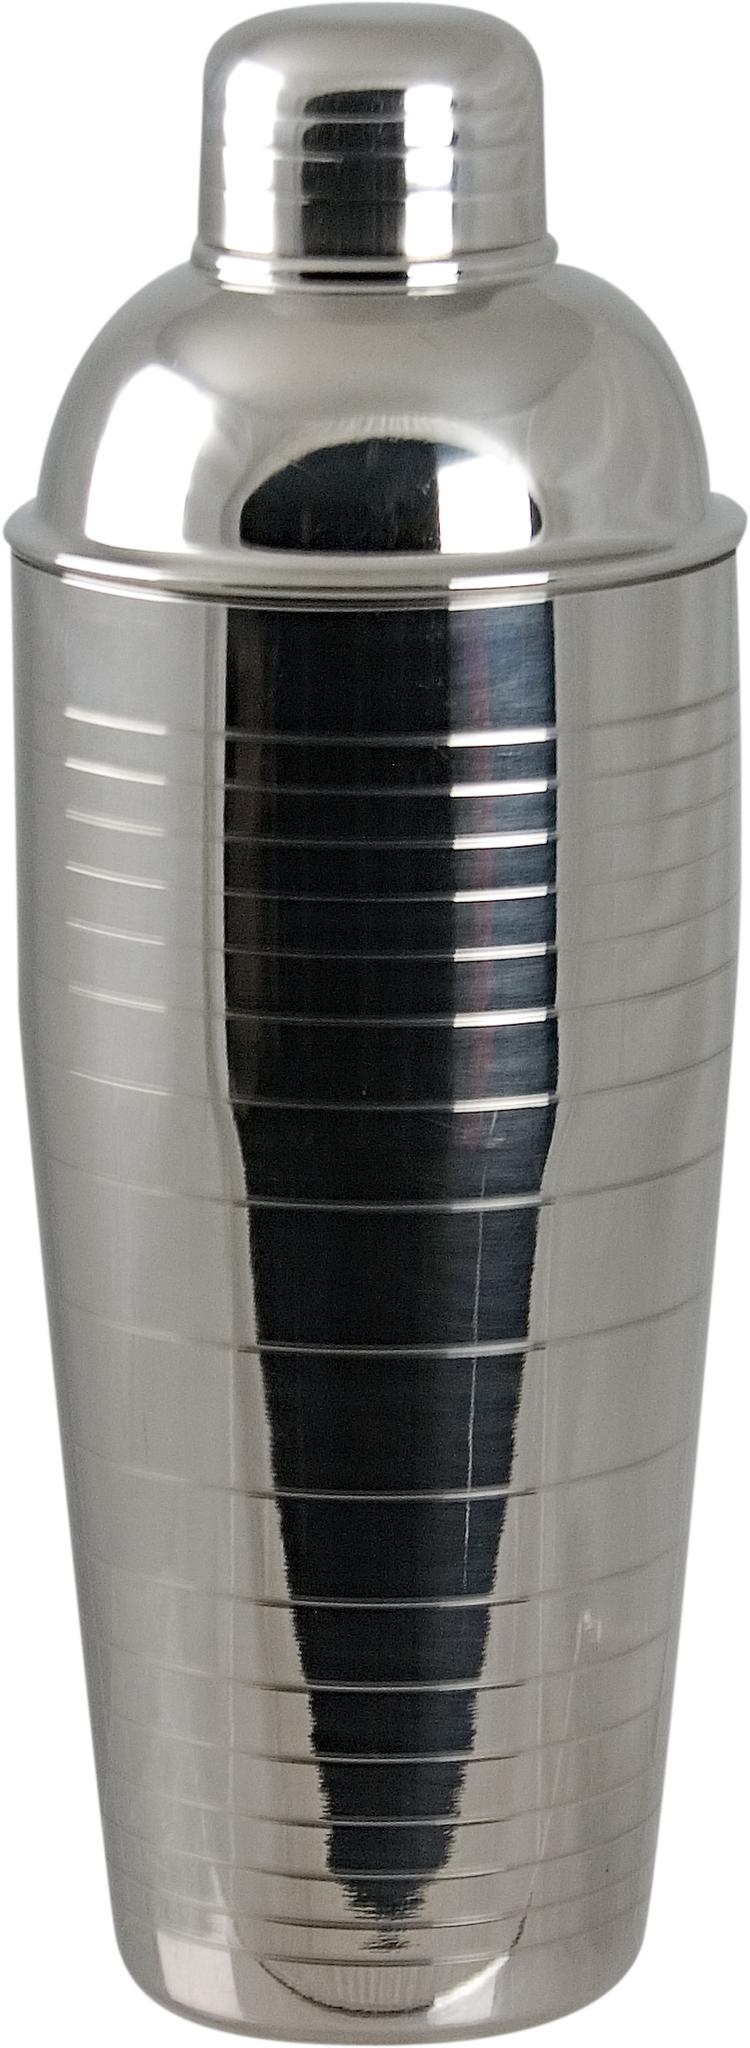 Шейкер 8,7х24,50 см COSY&amp;TRENDY Brighton 56403GLБар и вечеринки<br>Шейкер 8,7х24,50 см COSY&amp;TRENDY Brighton 56403GL<br><br>Шейкер предназначен специально для приготовления алкогольных и безалкогольных коктейлей с помощью встряхивания. Его наполняют льдом или другими ингредиентами, после чего тщательно встряхивают и перемешивают компоненты, создавая равномерную консистенцию с прекрасным вкусом.<br>